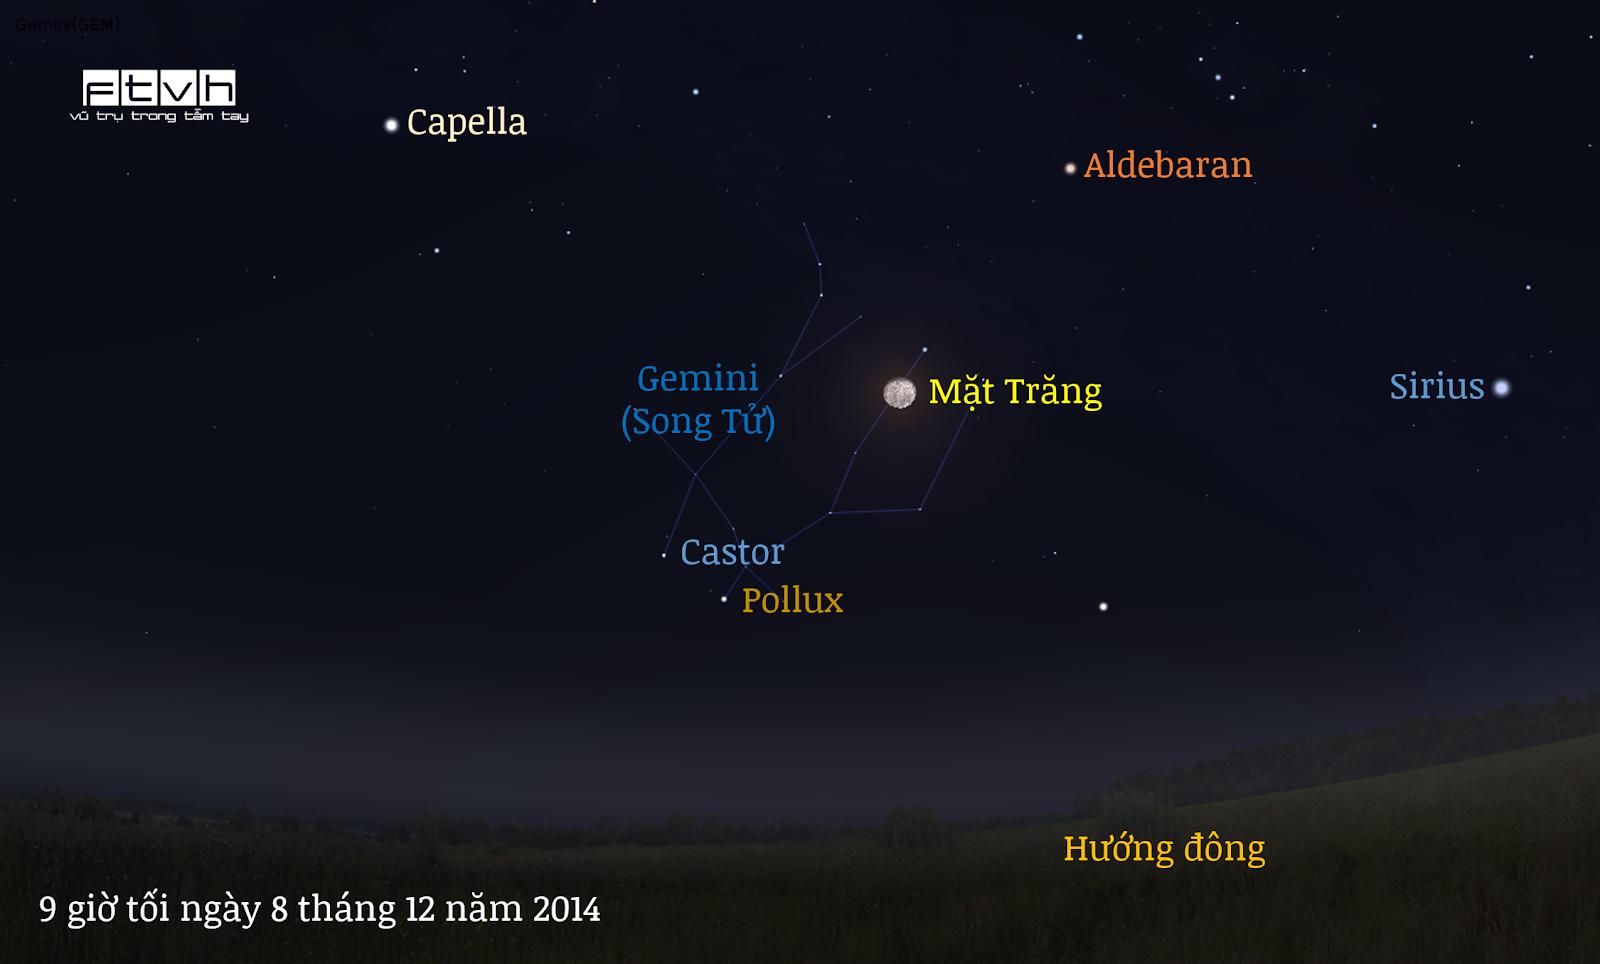 Minh họa bầu trời đêm hướng đông lúc 9 giờ tối ngày 8 tháng 12 năm 2014.